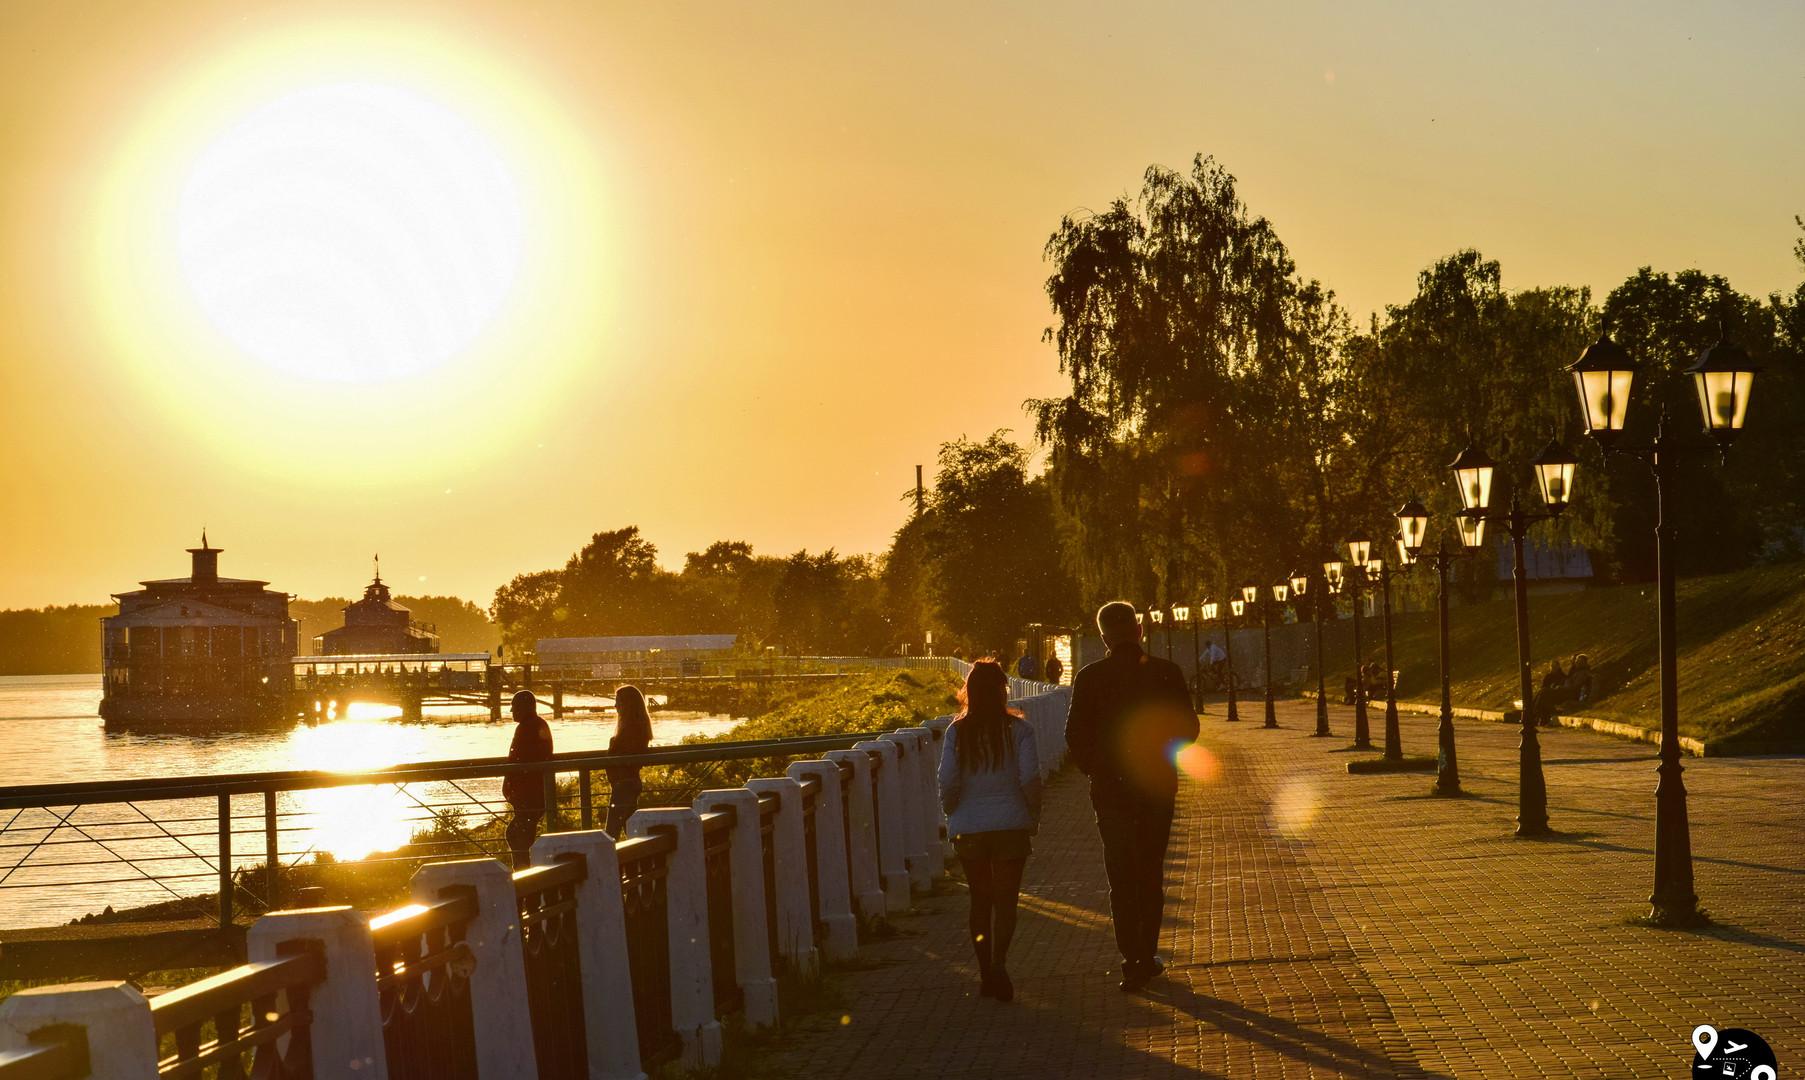 Volga embankment in Kostroma